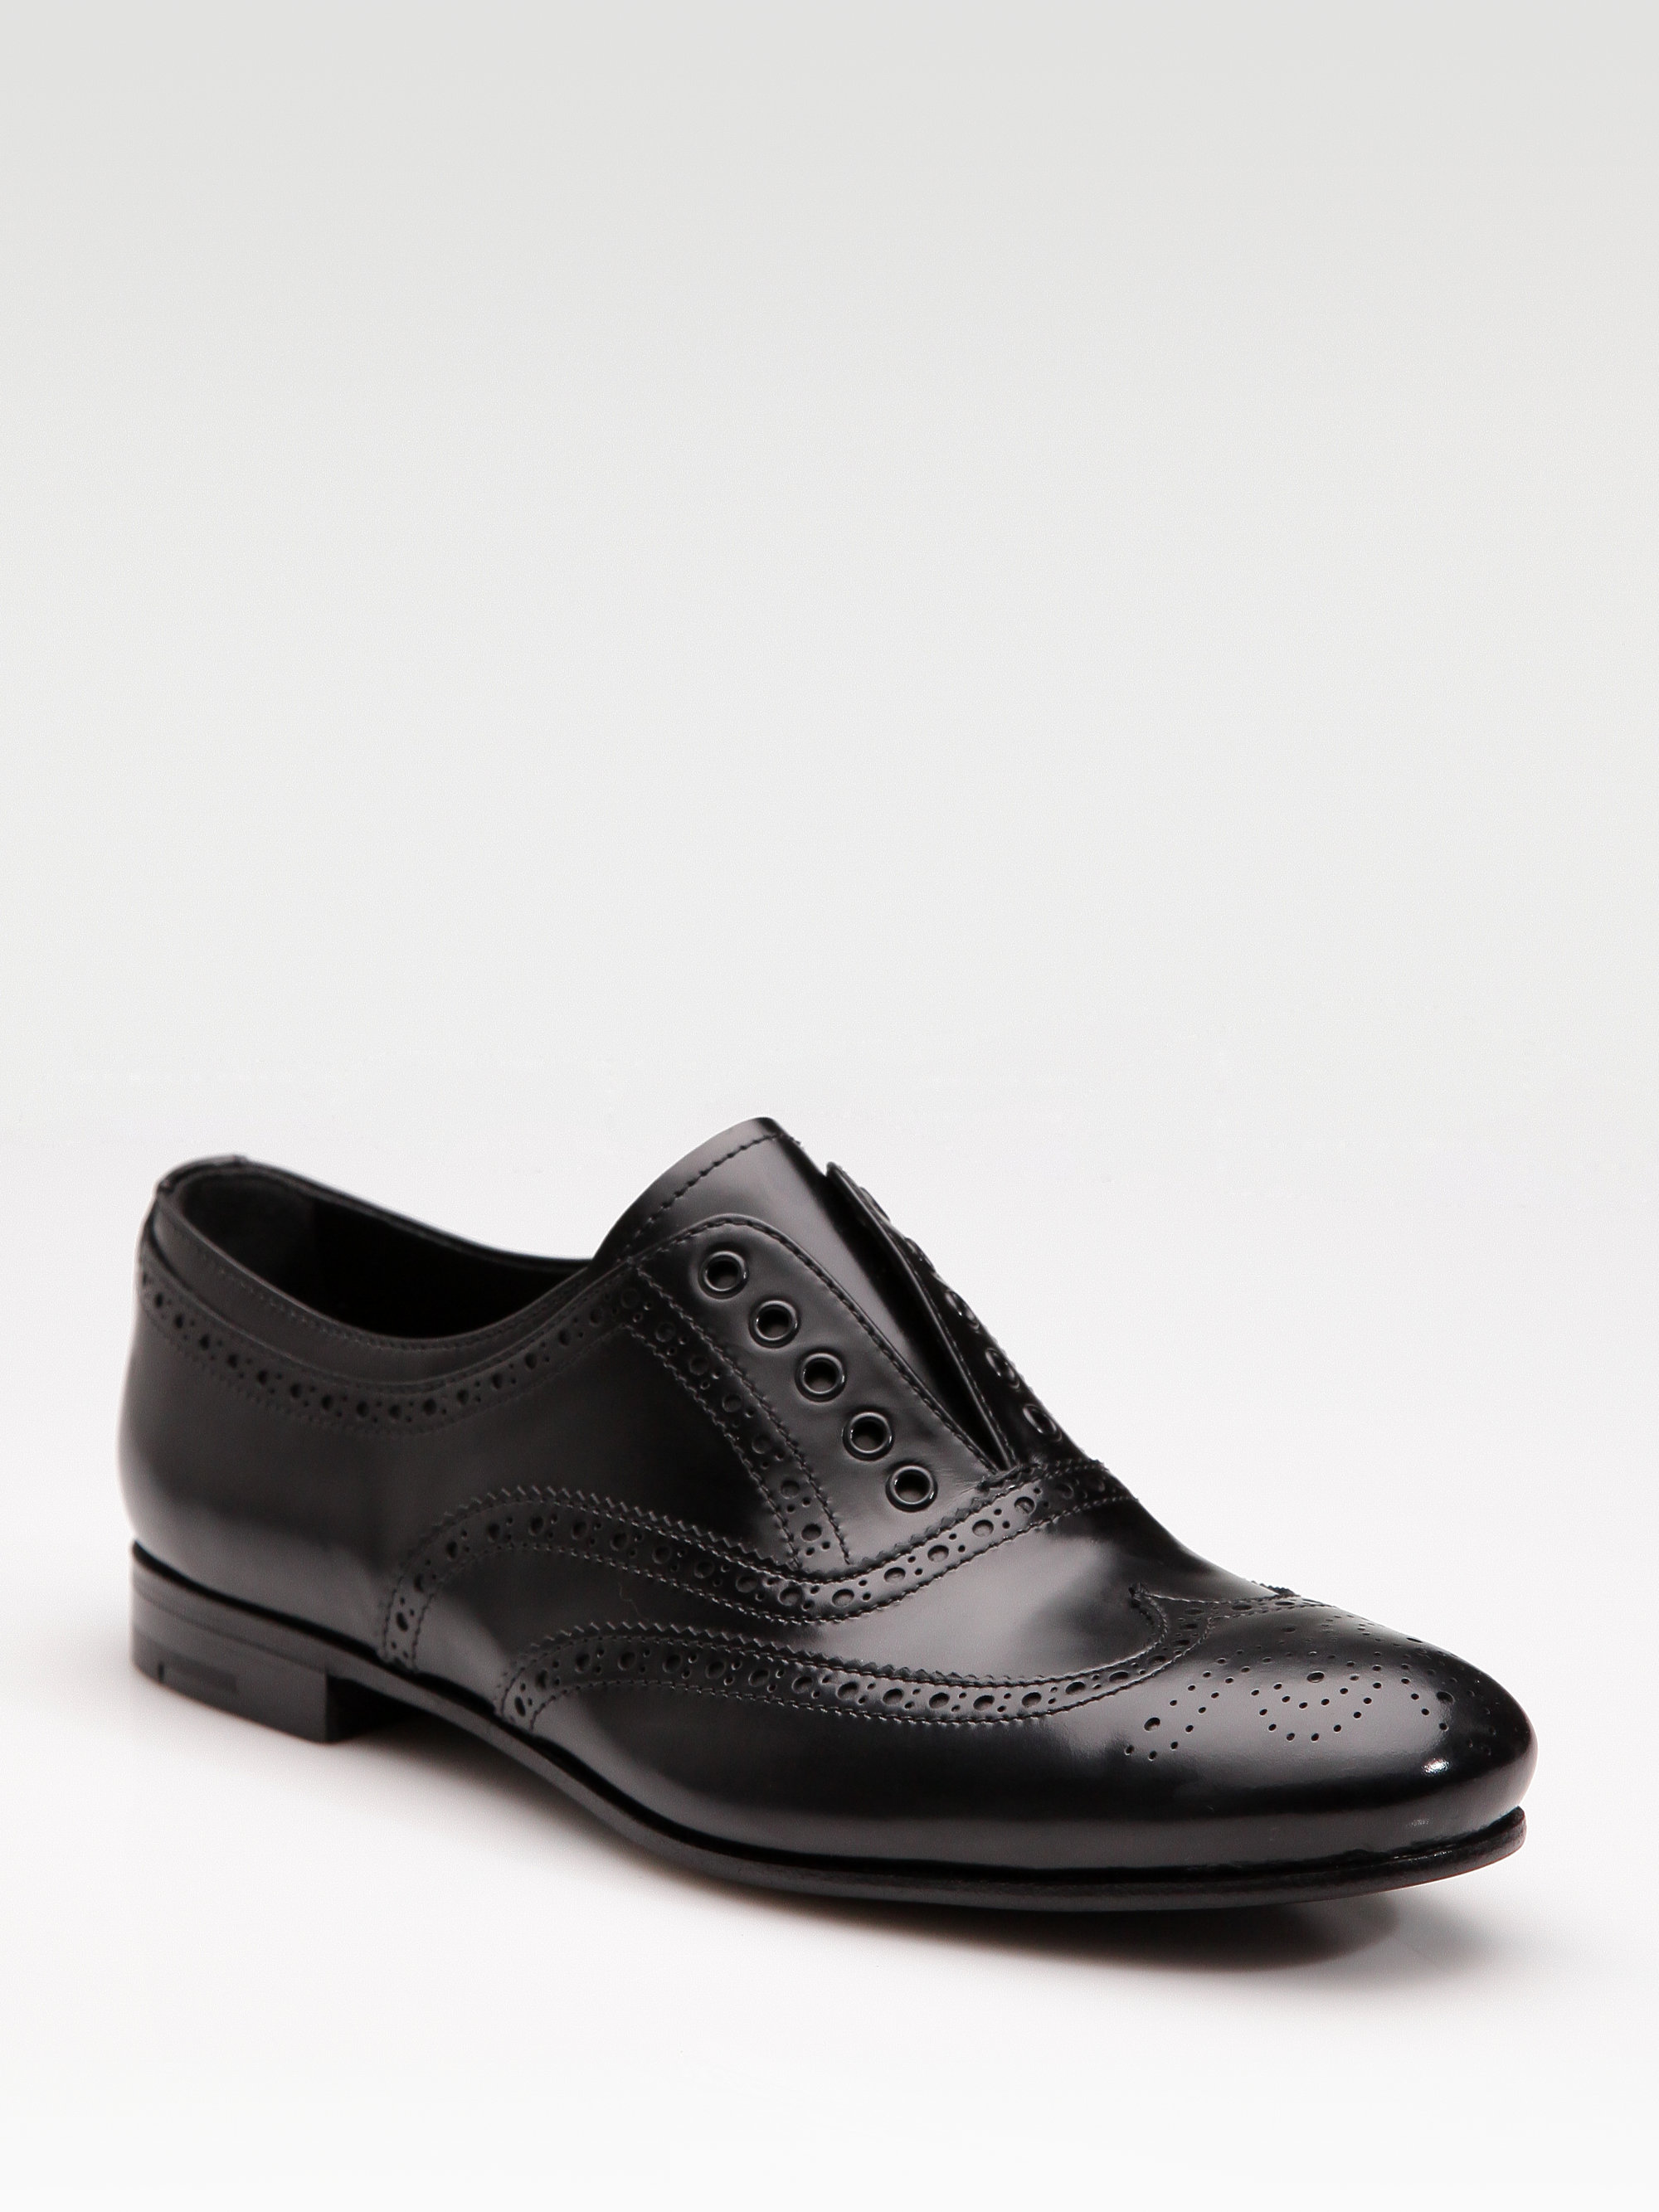 Prada Laceless Oxfords In Black | Lyst